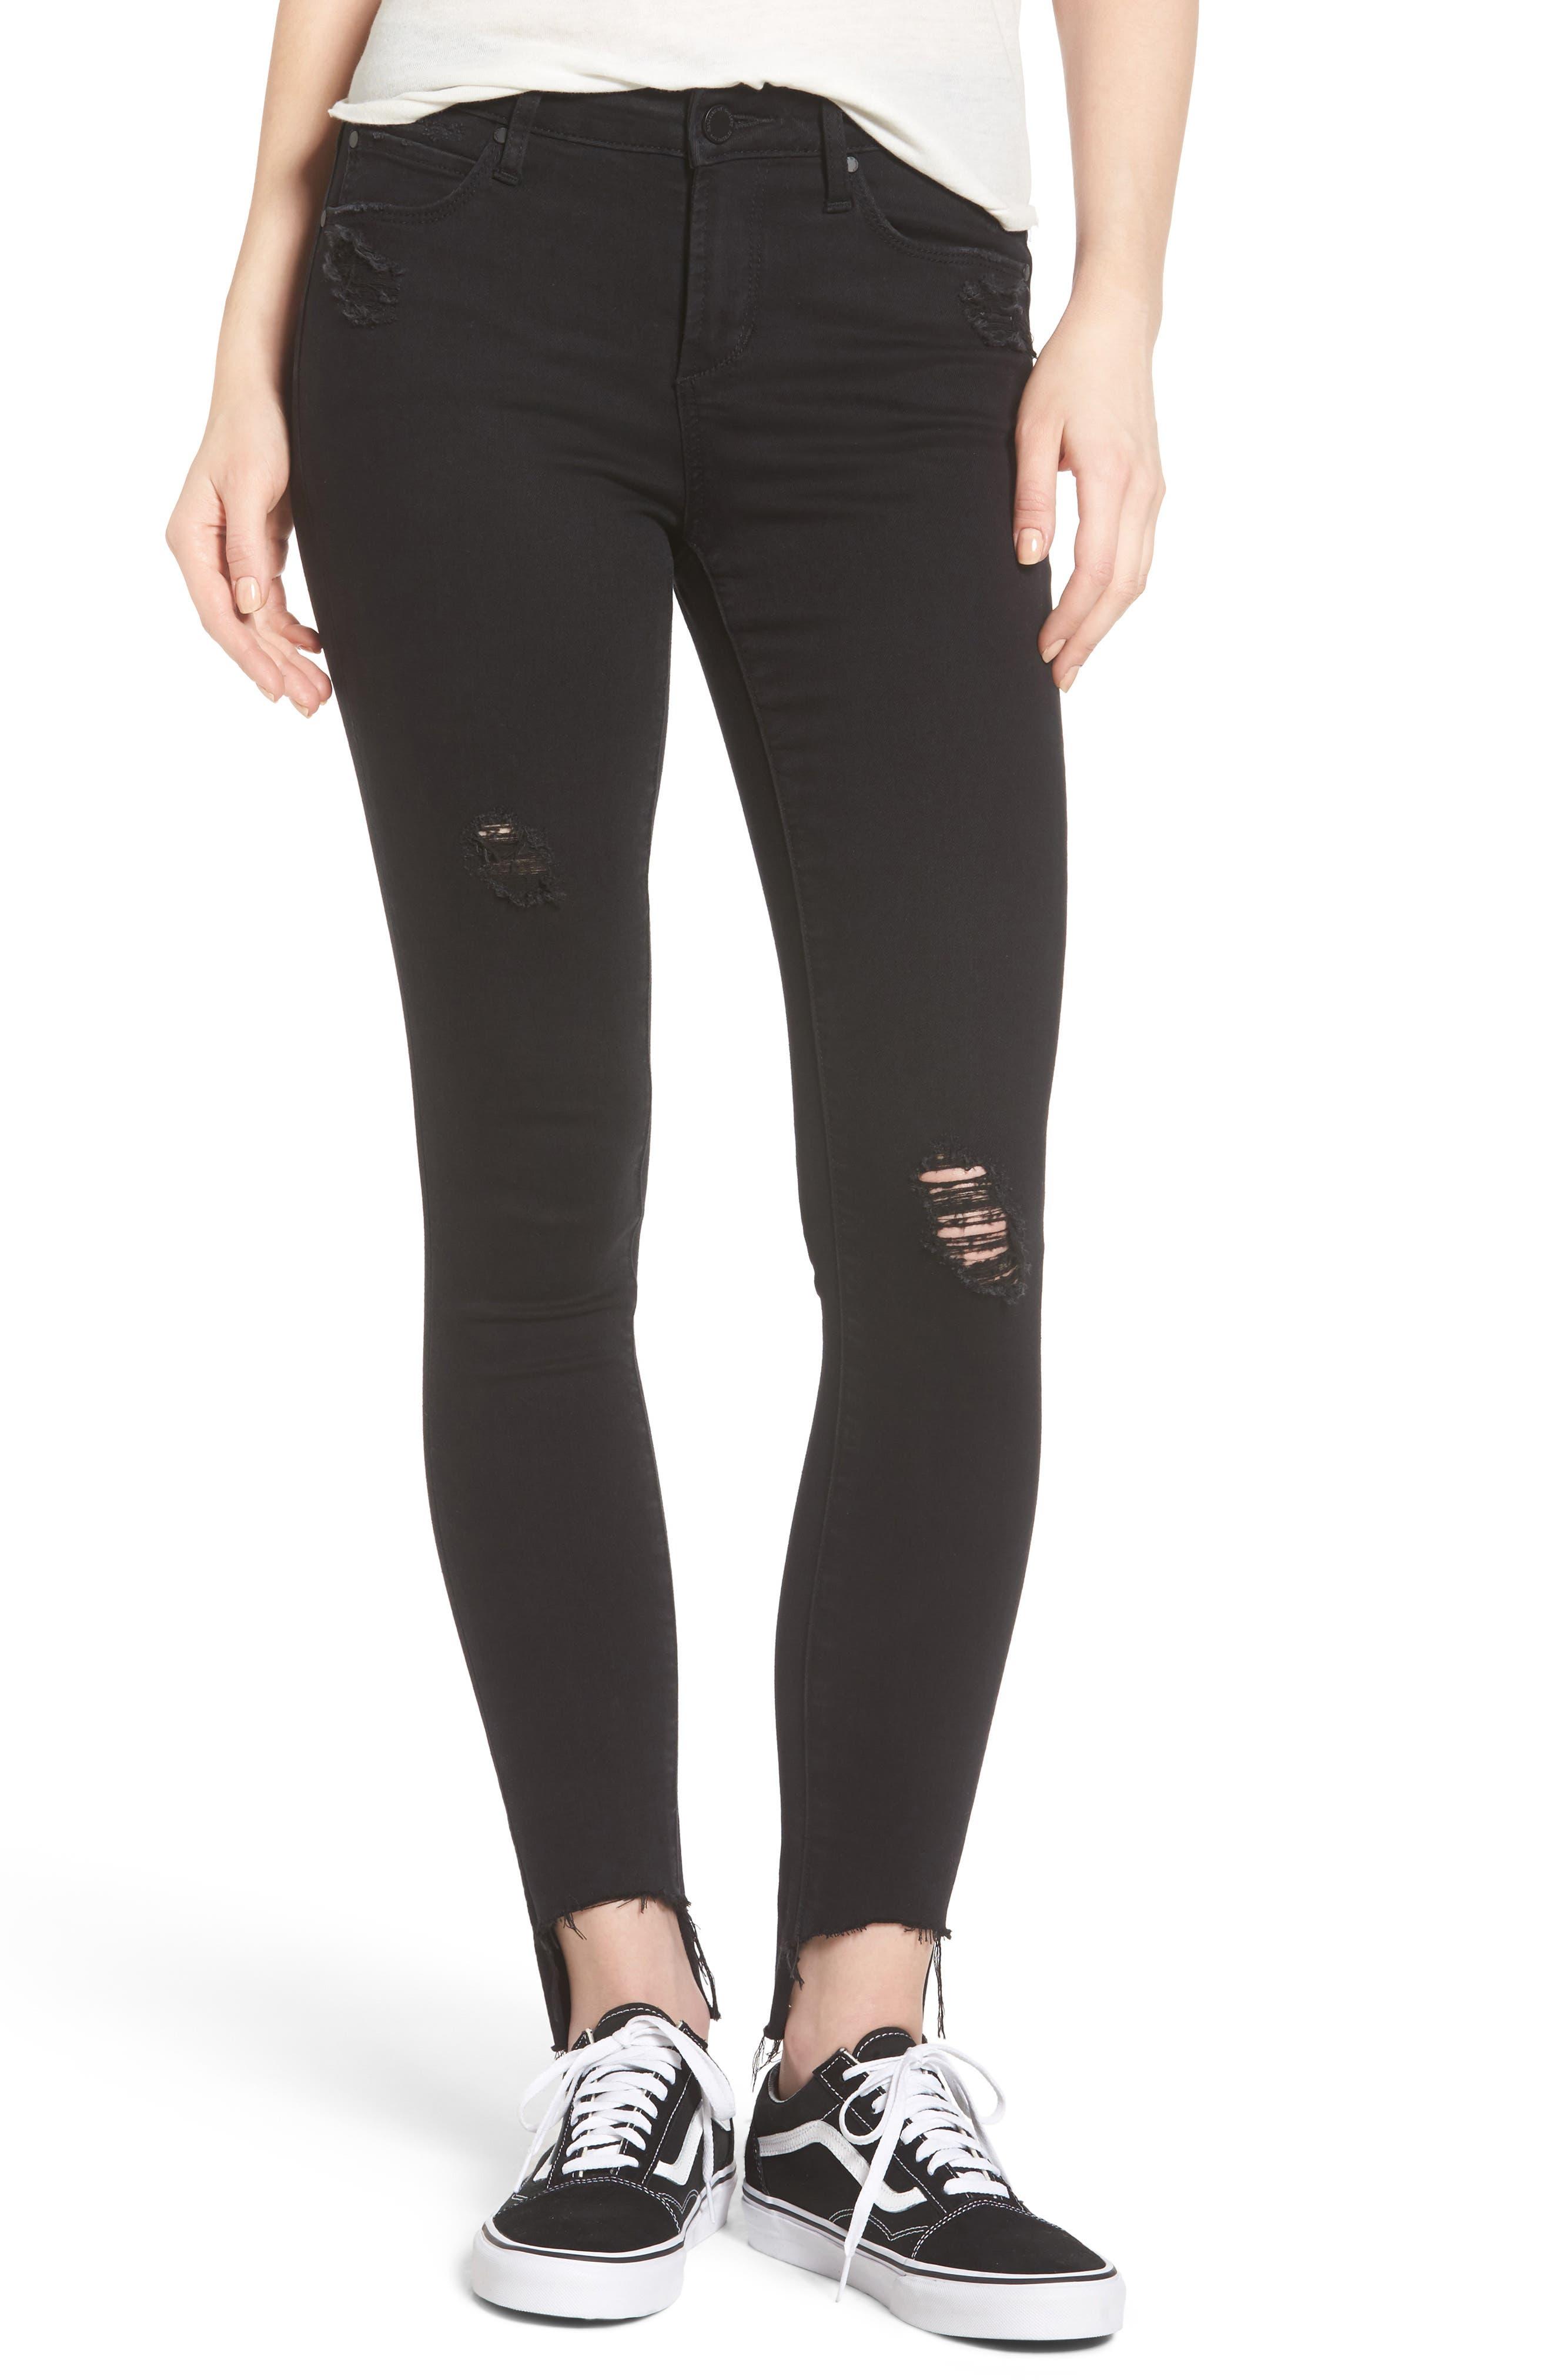 Articles of Society Stephanie Step Hem Skinny Jeans